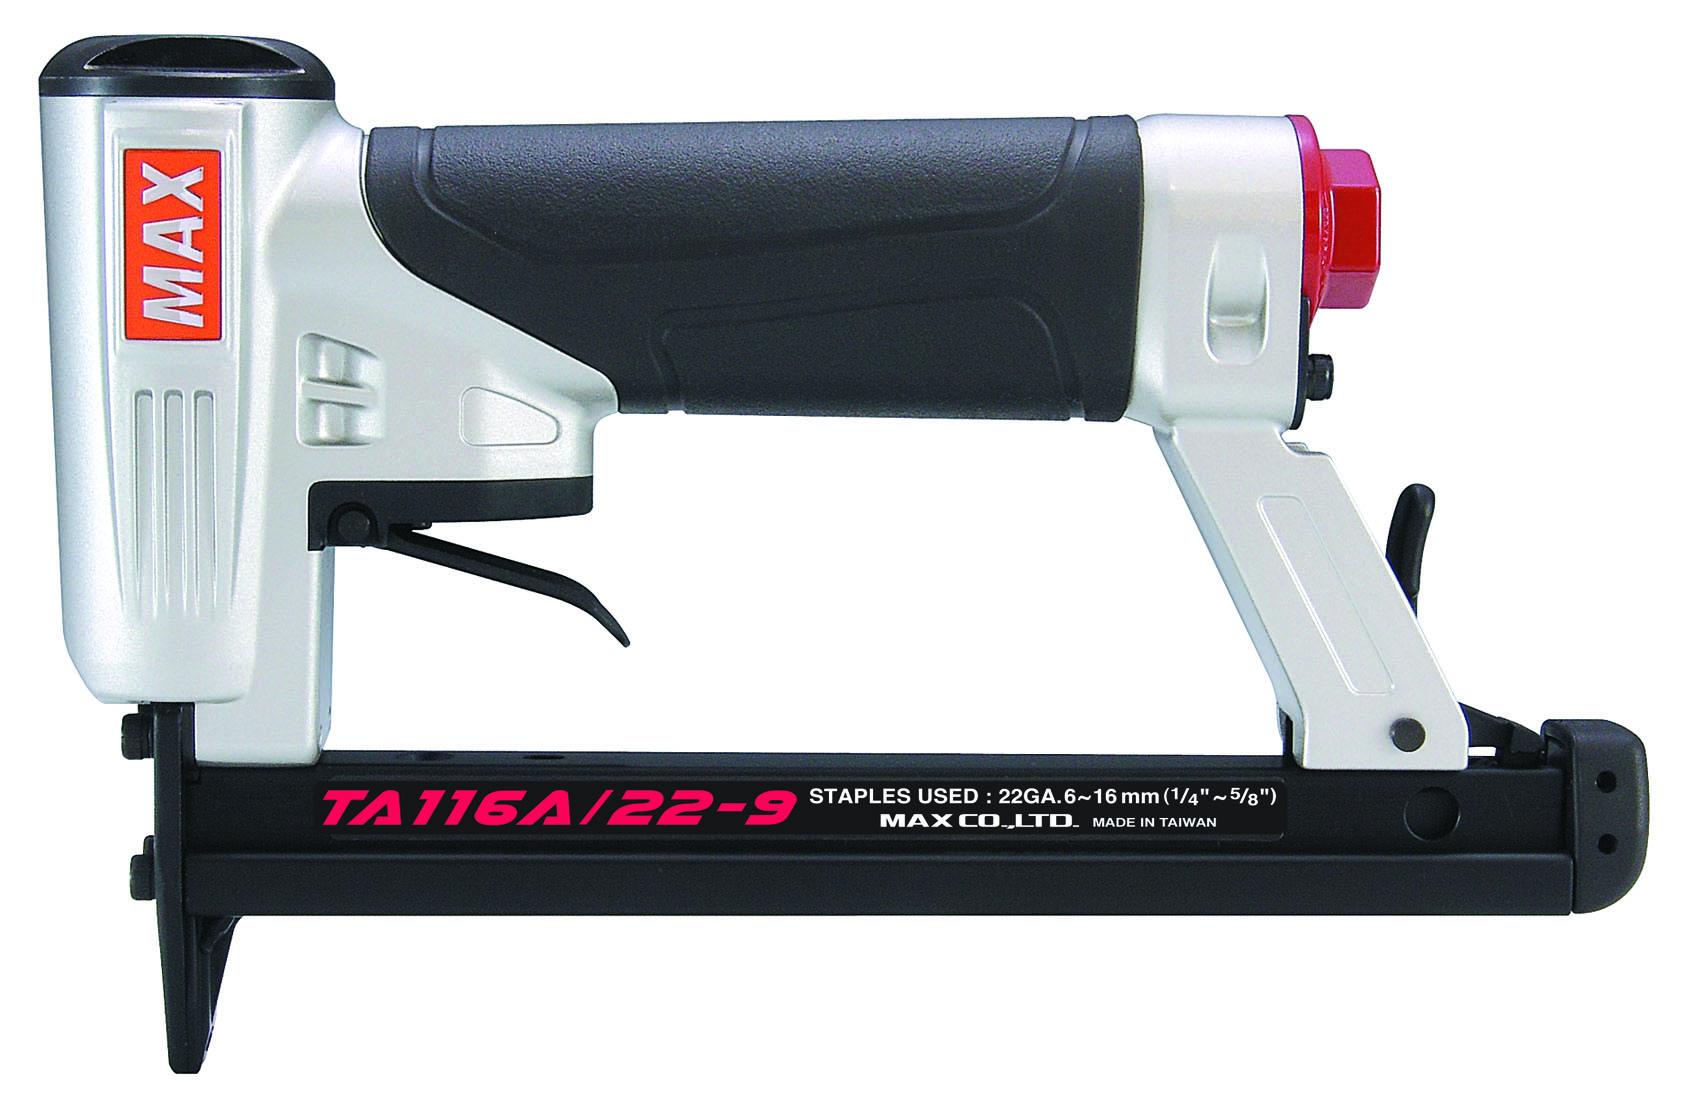 TA116A/22-9